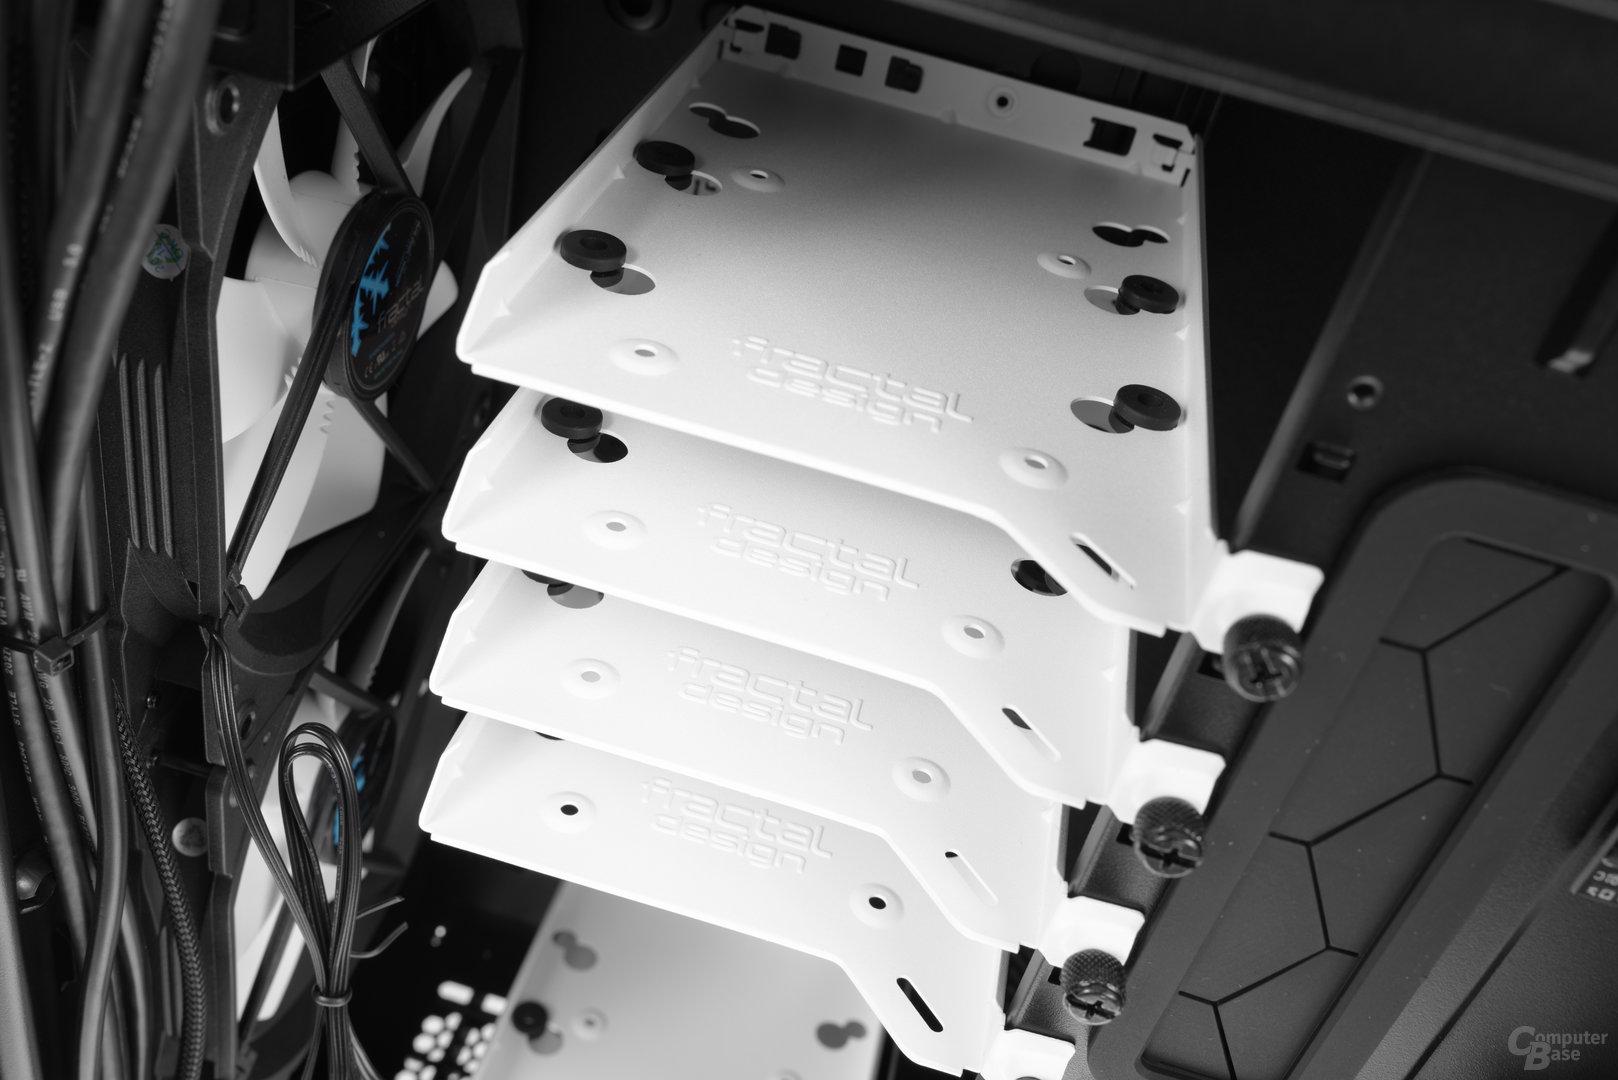 Fractal Design Define R6 – Insgesamt sechs Festplattenschienen befinden sich im Lieferumfang